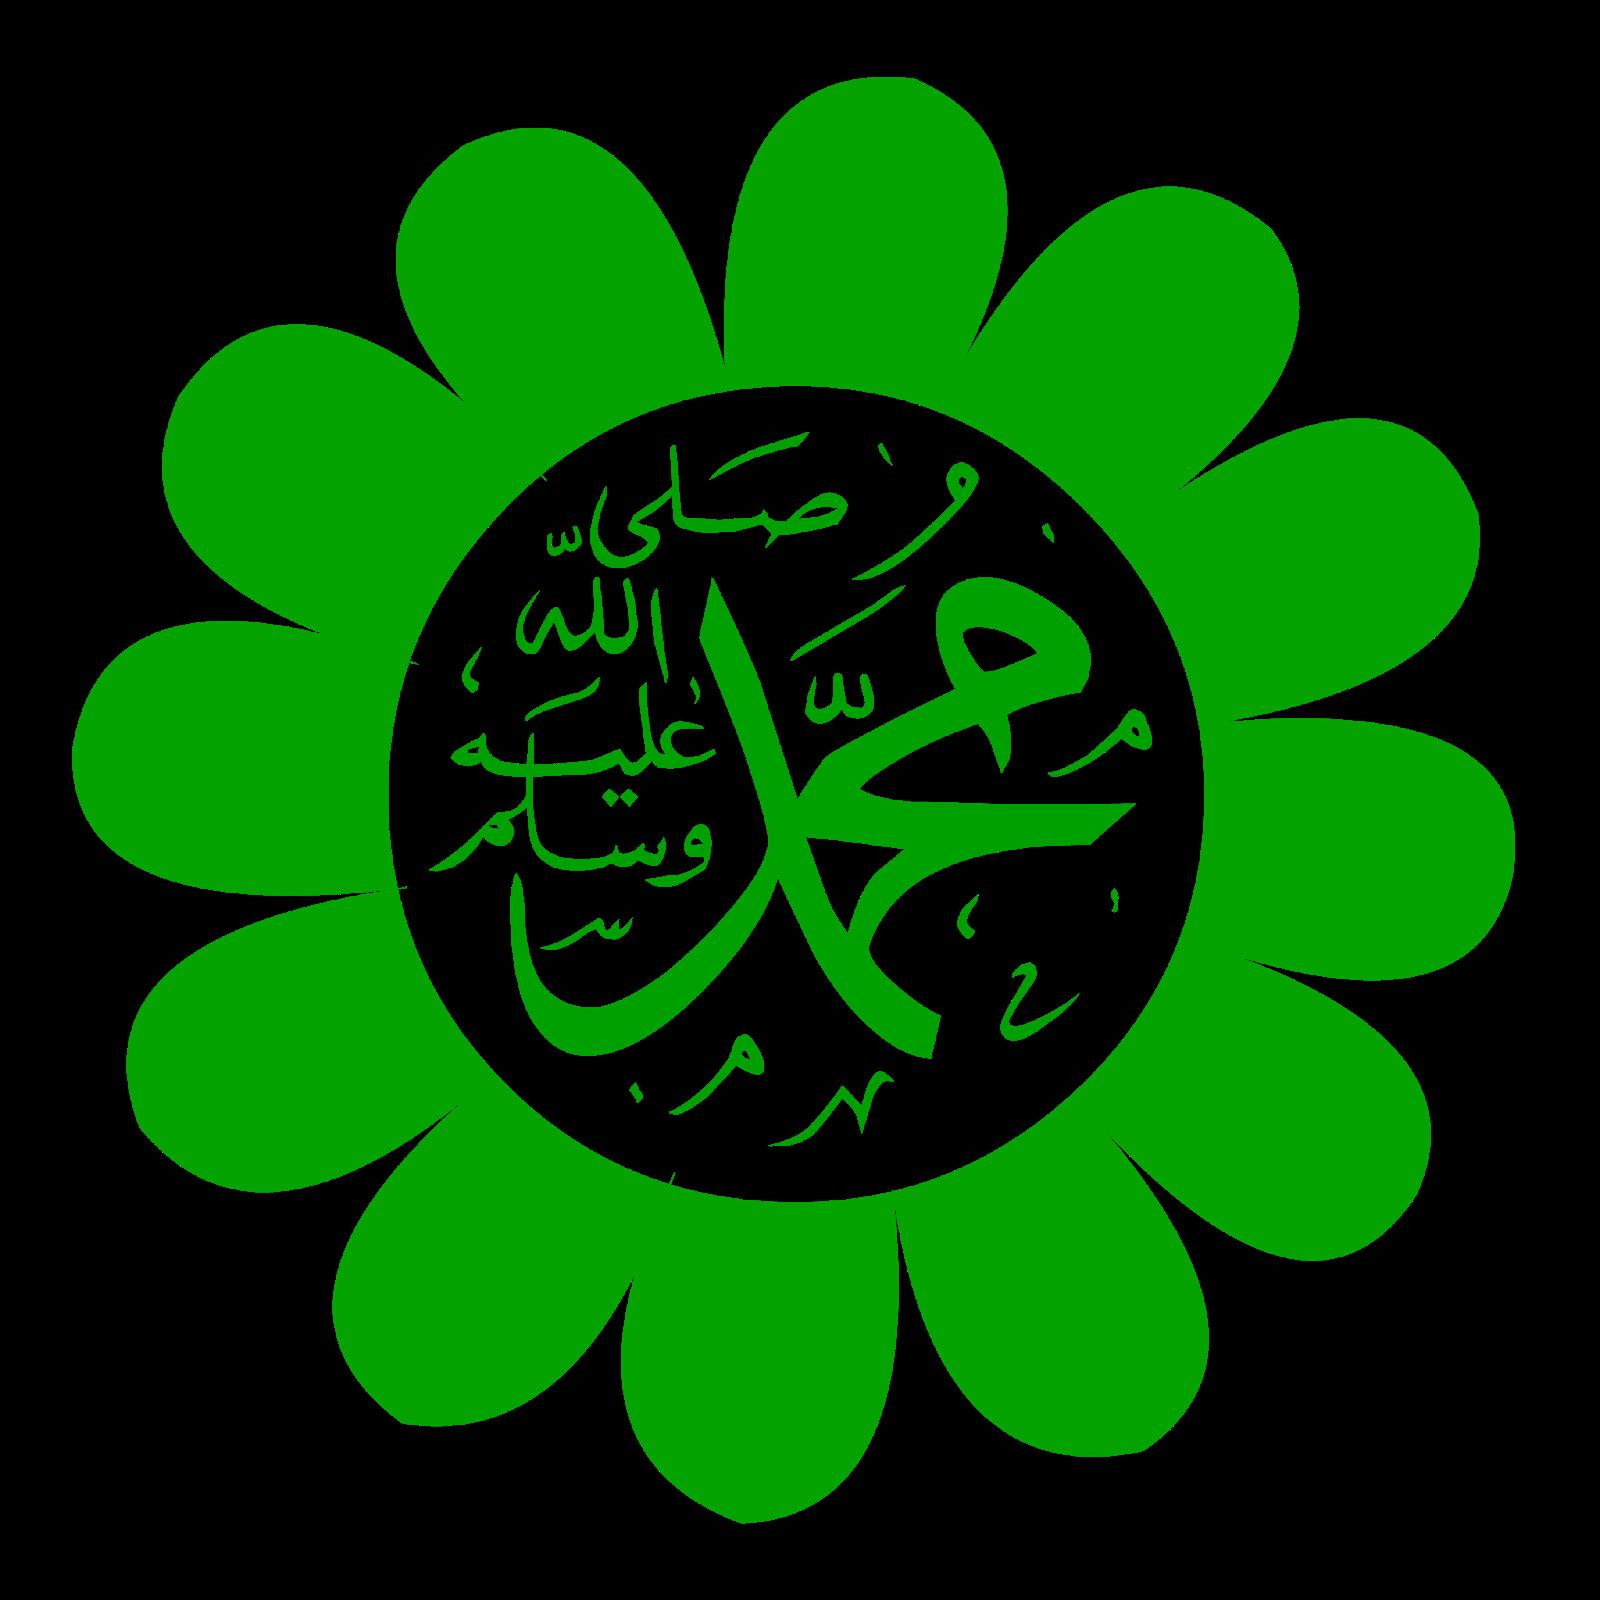 محمد صلى الله عليه وسلم مزخرفة صور اسلامية شفافة الصور